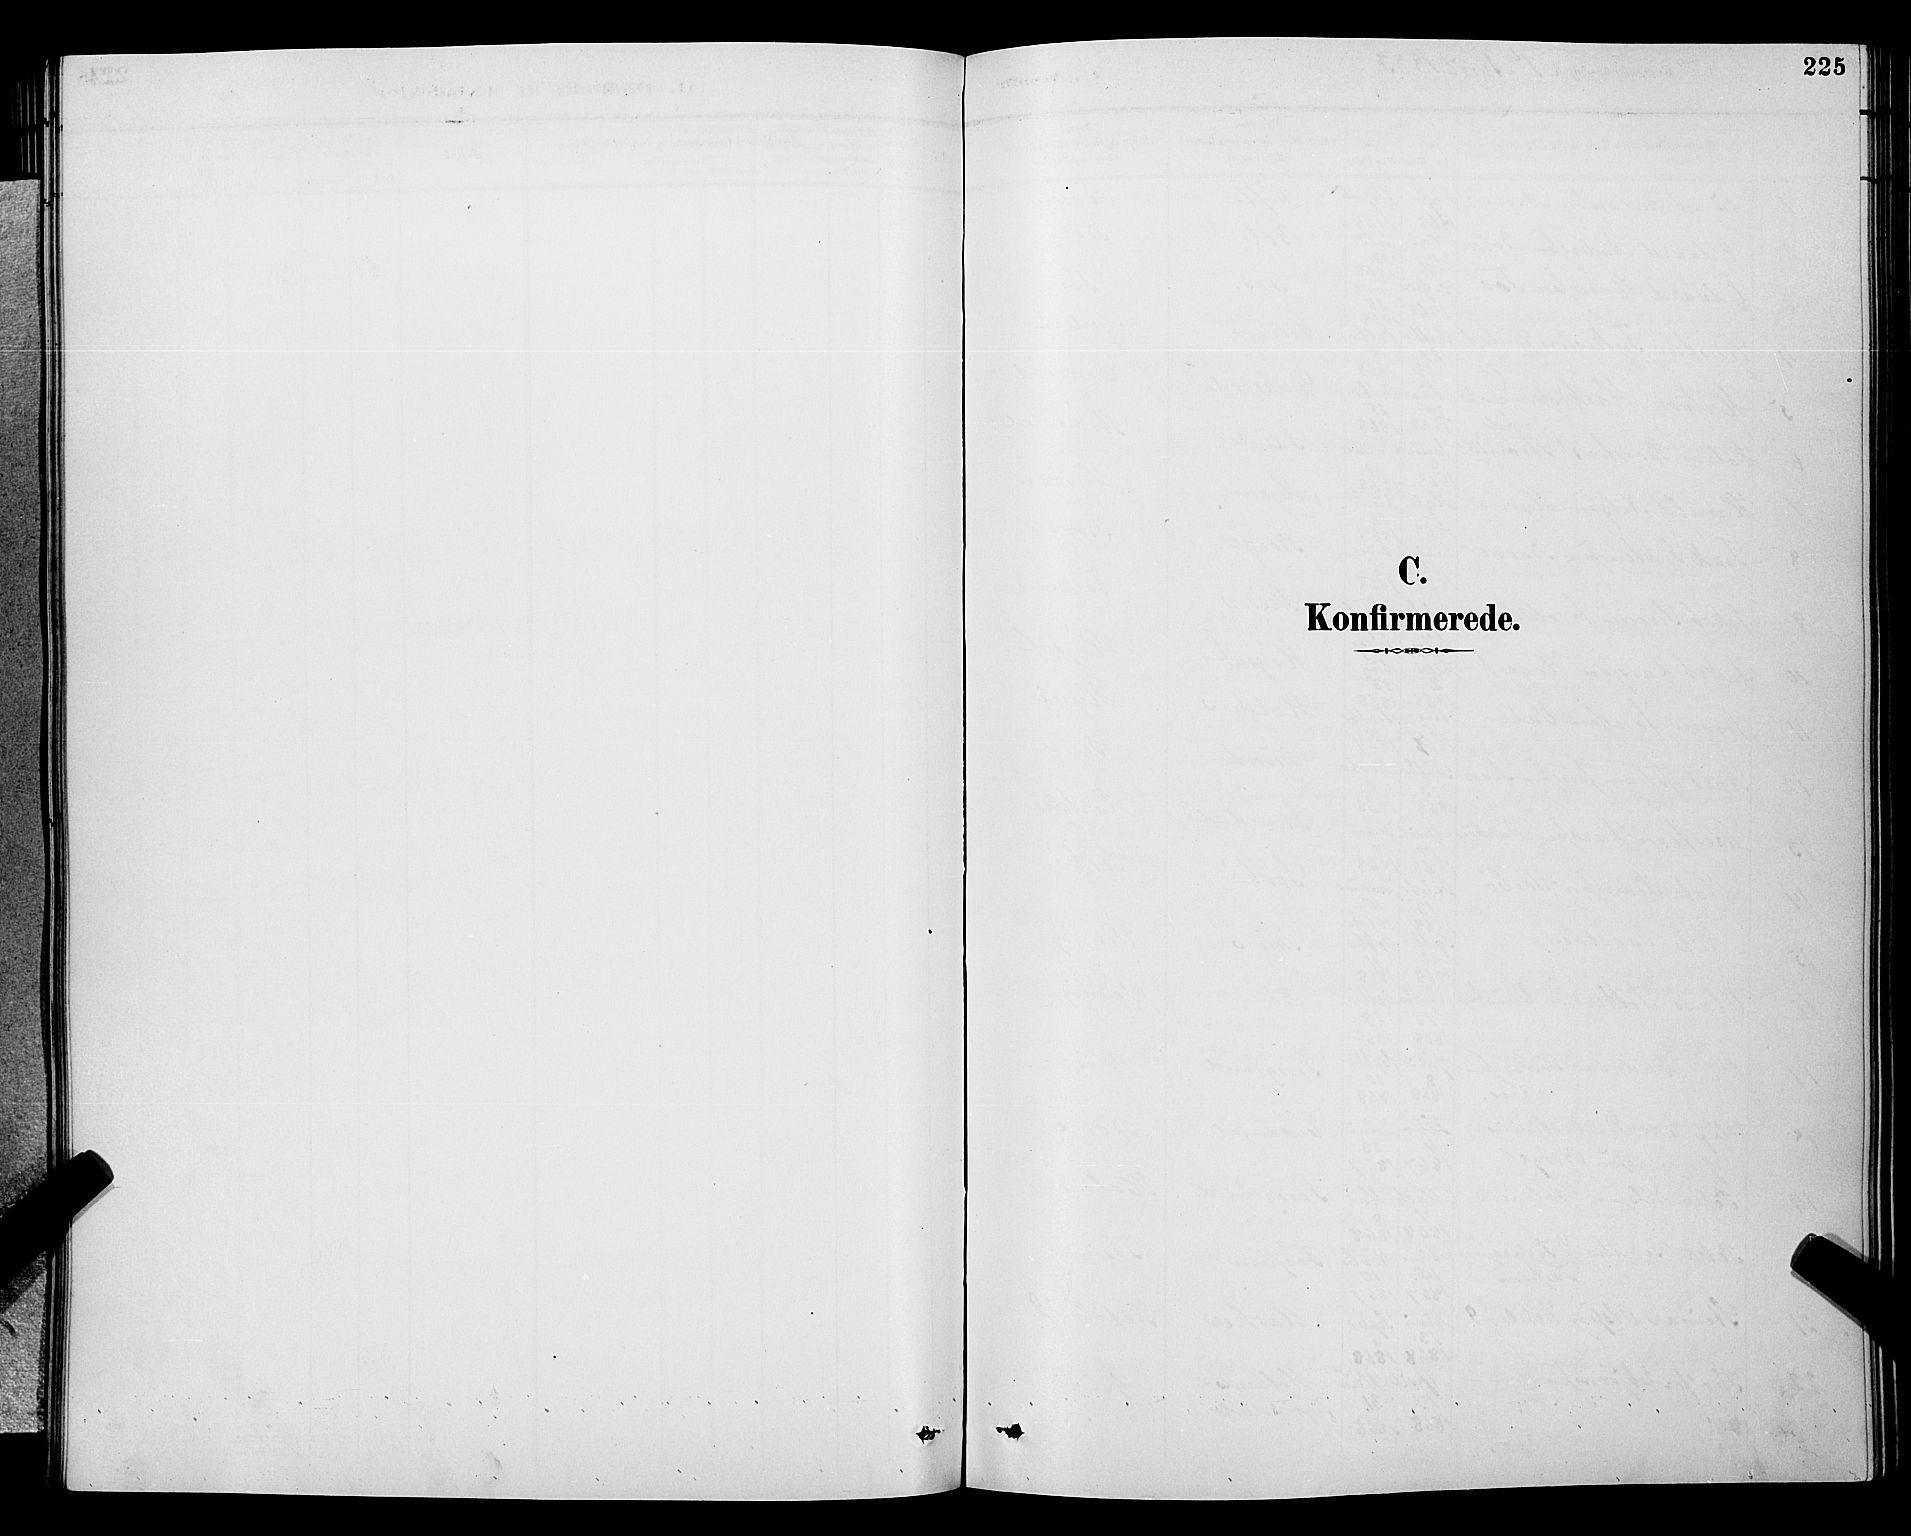 SAKO, Gjerpen kirkebøker, G/Ga/L0002: Klokkerbok nr. I 2, 1883-1900, s. 225